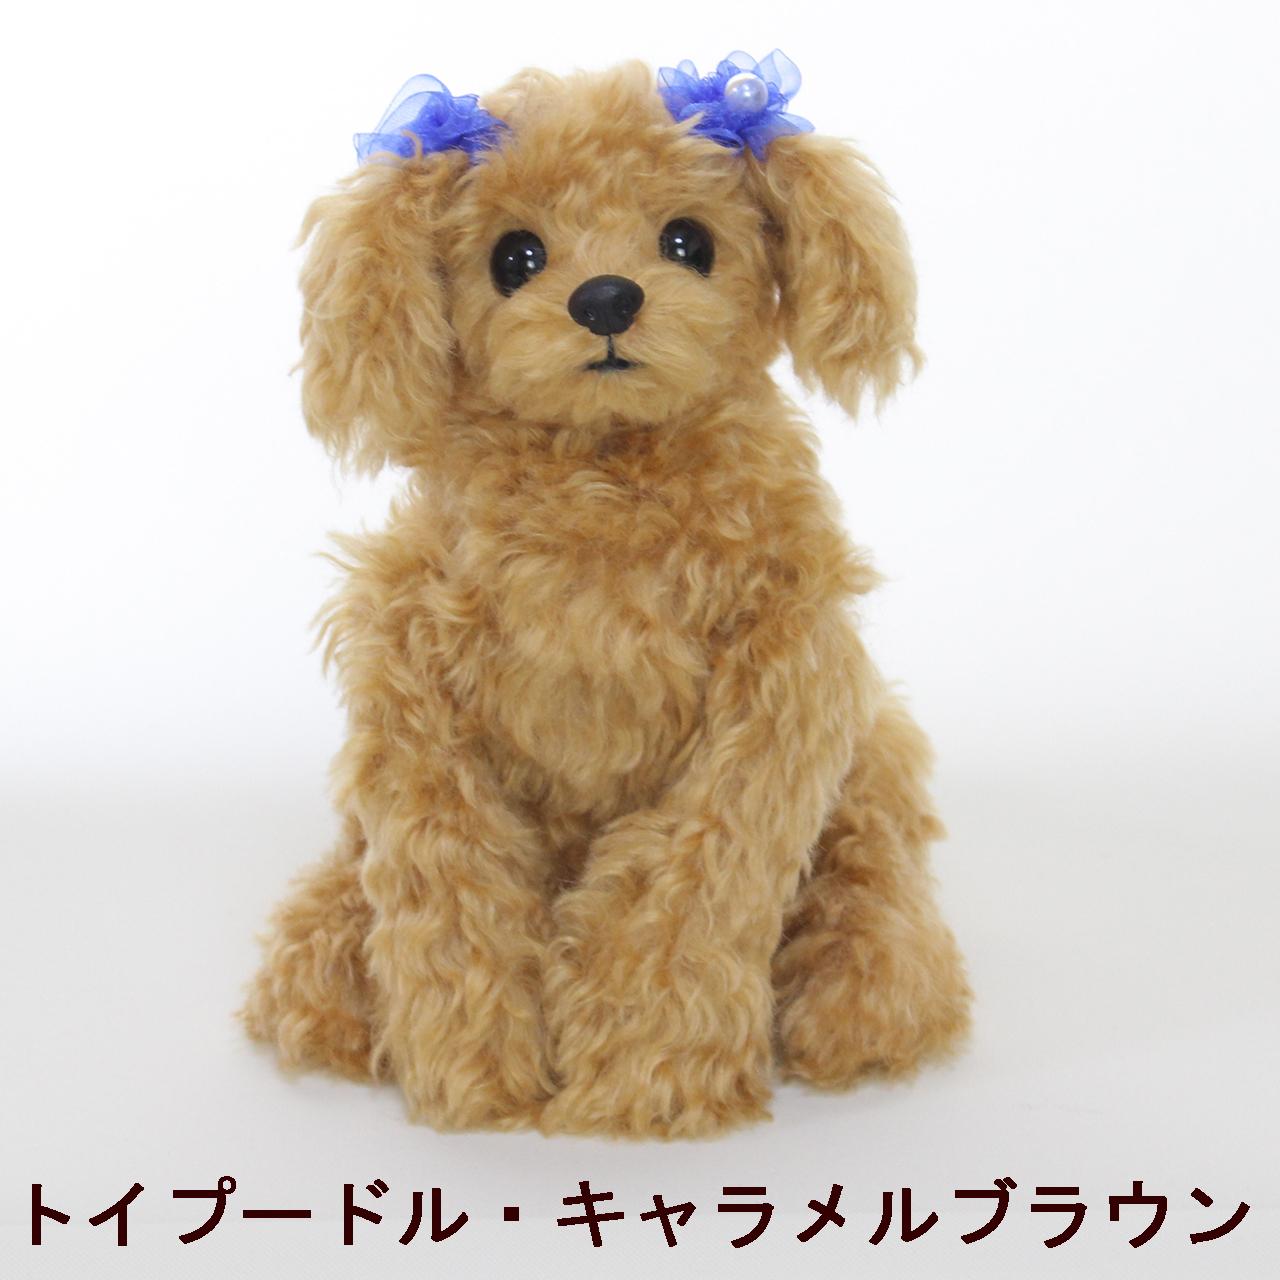 【手作りキット】トイプードル犬(ミルクティ・キャラメル・ホワイト)